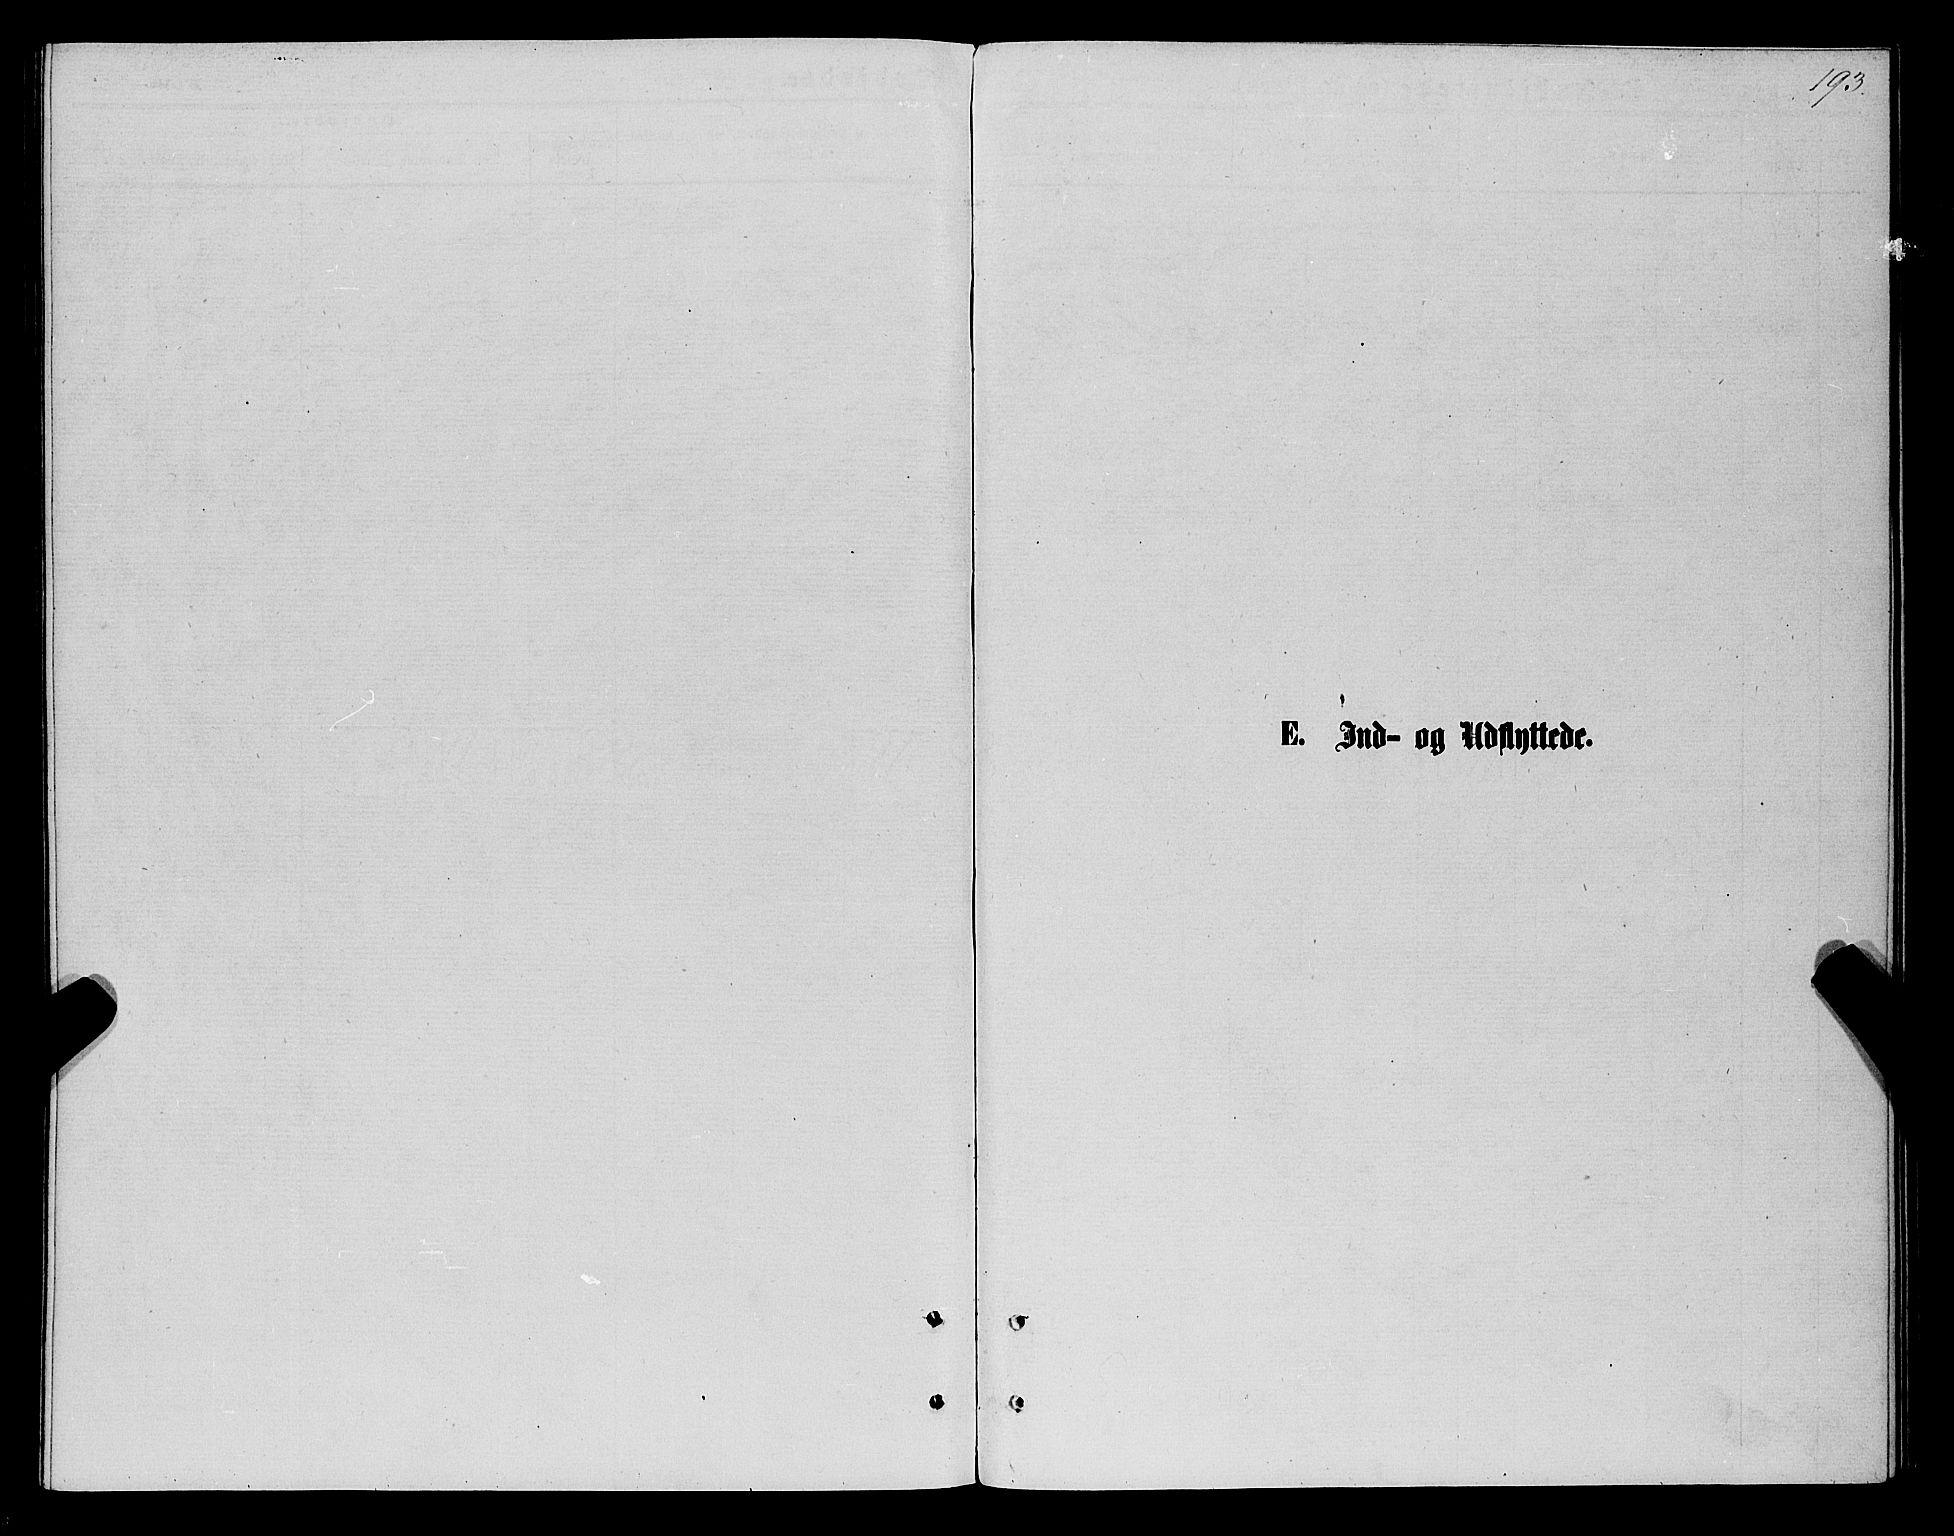 SATØ, Karlsøy sokneprestembete, Ministerialbok nr. 5, 1872-1878, s. 193